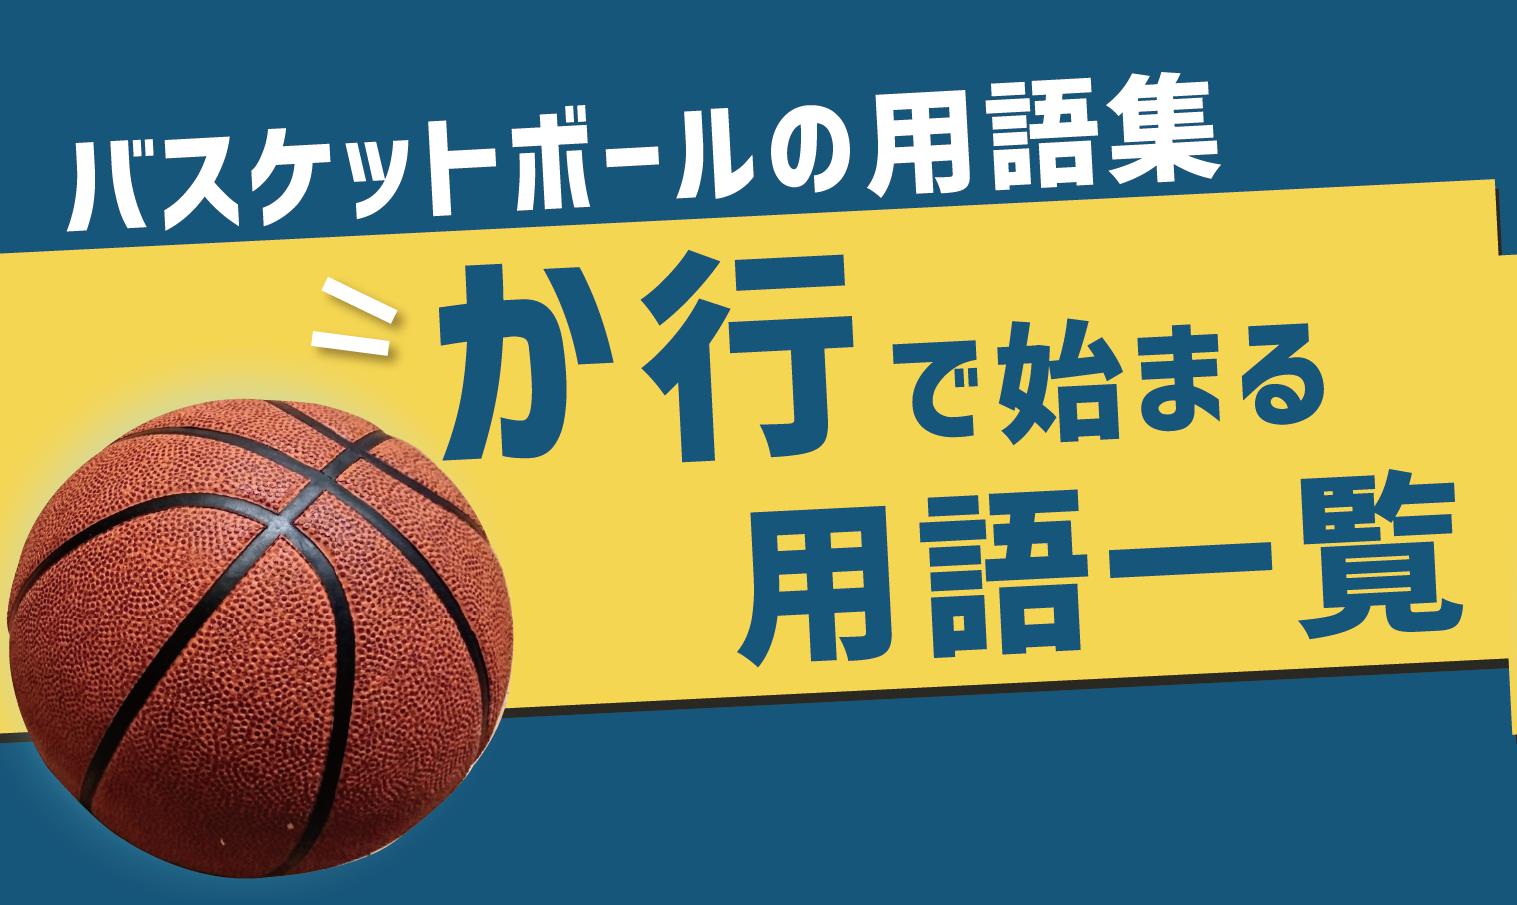 バスケットボールの用語集【か行】で始まる用語一覧